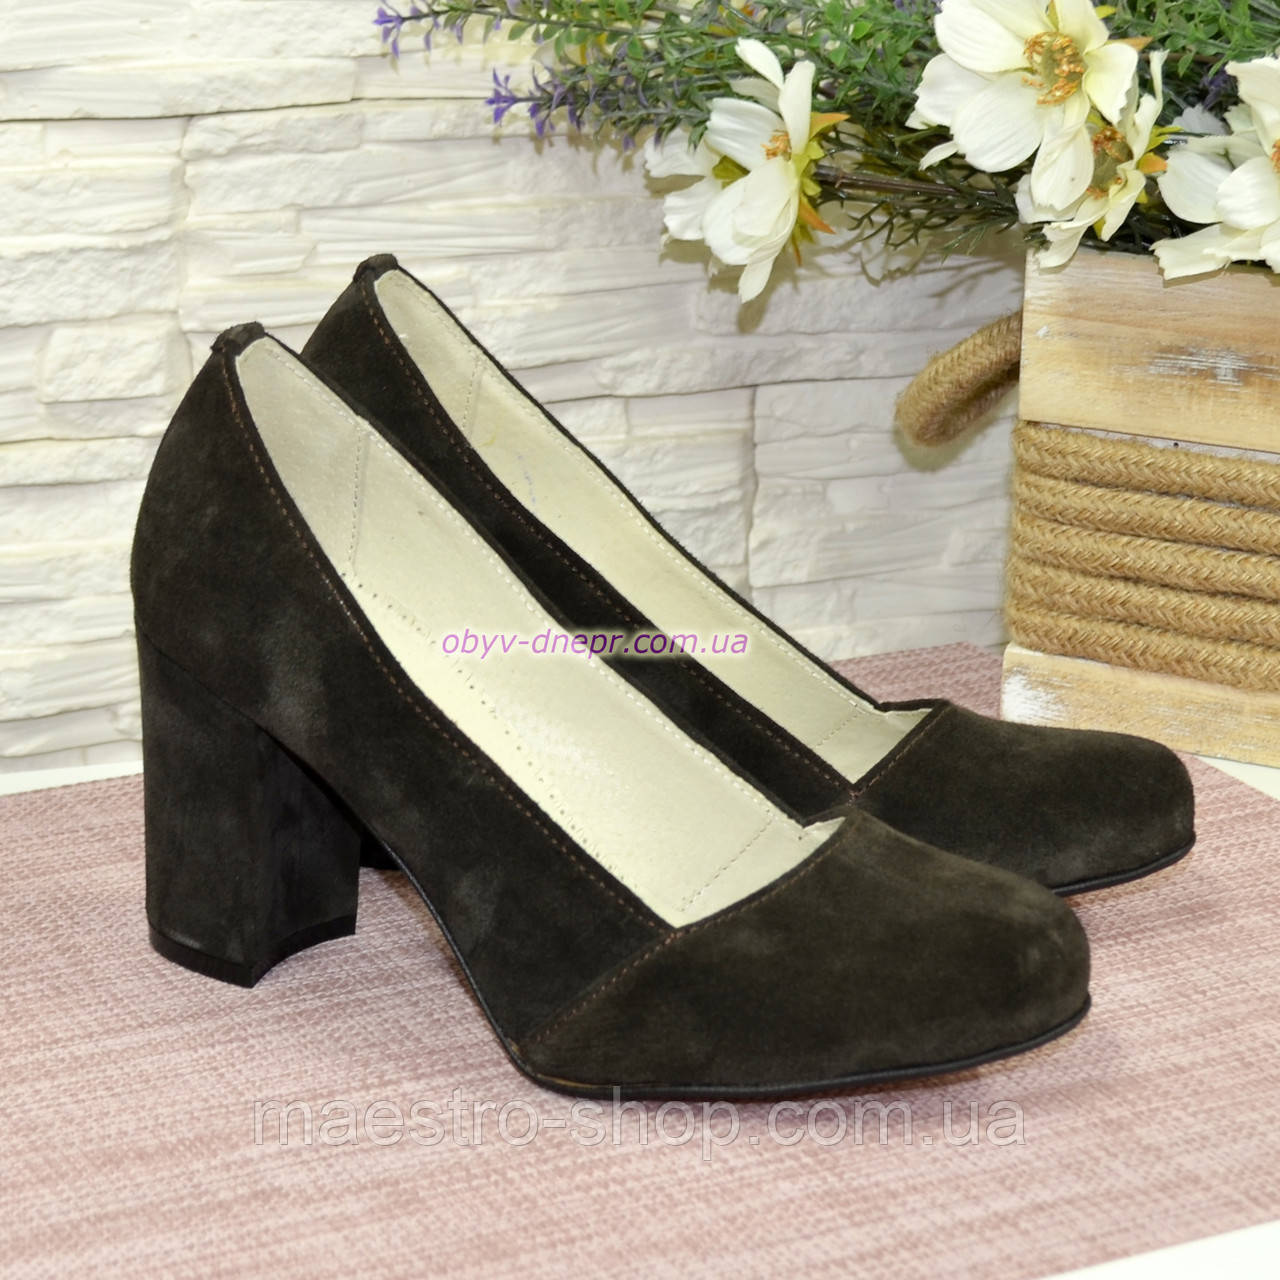 Туфли замшевые на высоком устойчивом каблуке, цвет коричневый